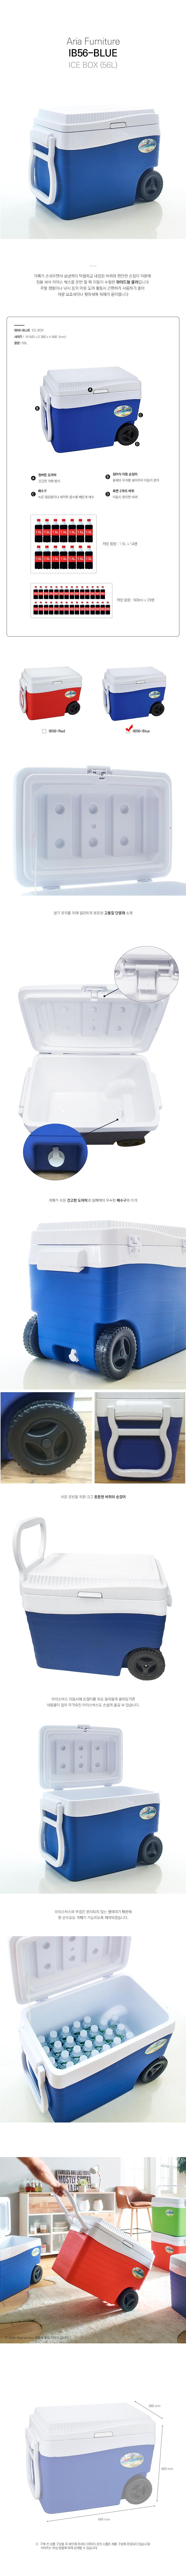 IB56-Blue_180608.jpg